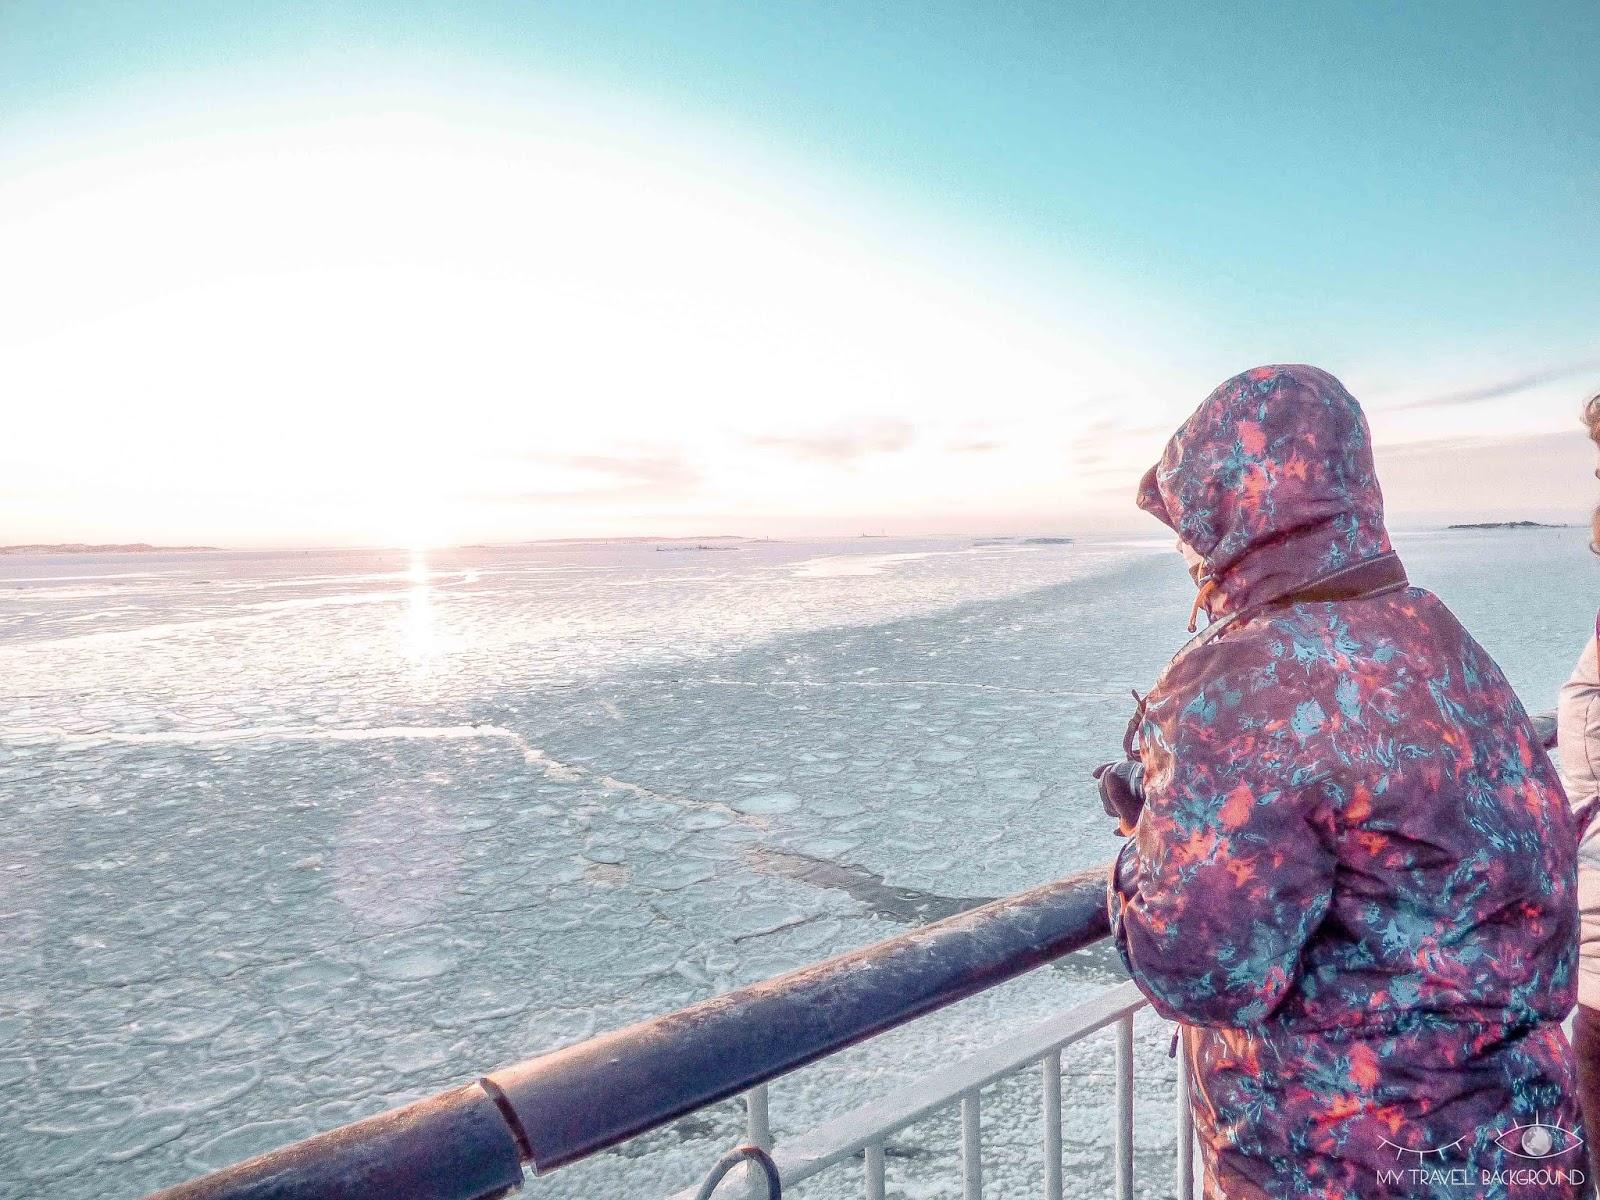 My Travel Background : Escale à Tallinn en Estonie, la perle de la Mer Baltique - Naviguer sur la Mer Baltique gelée